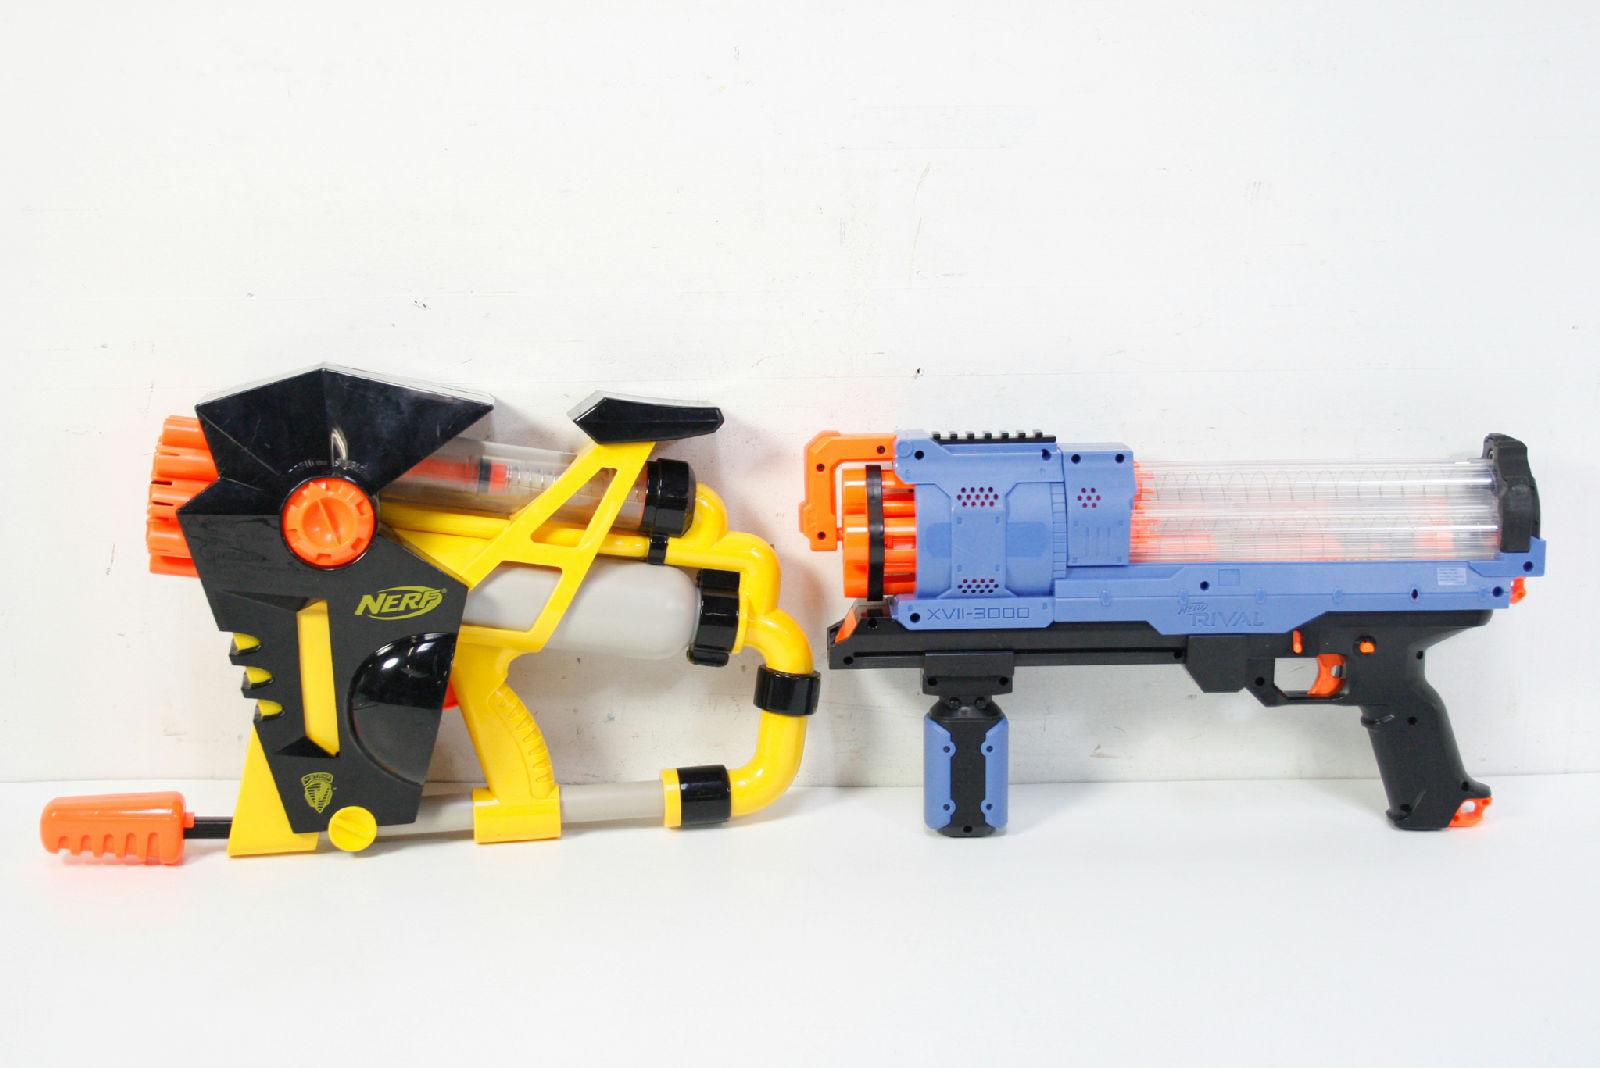 2 Nerf Guns Dart Blaster Rival Xvll-300 Rapid Fire As-20 N-Strike Air Pump